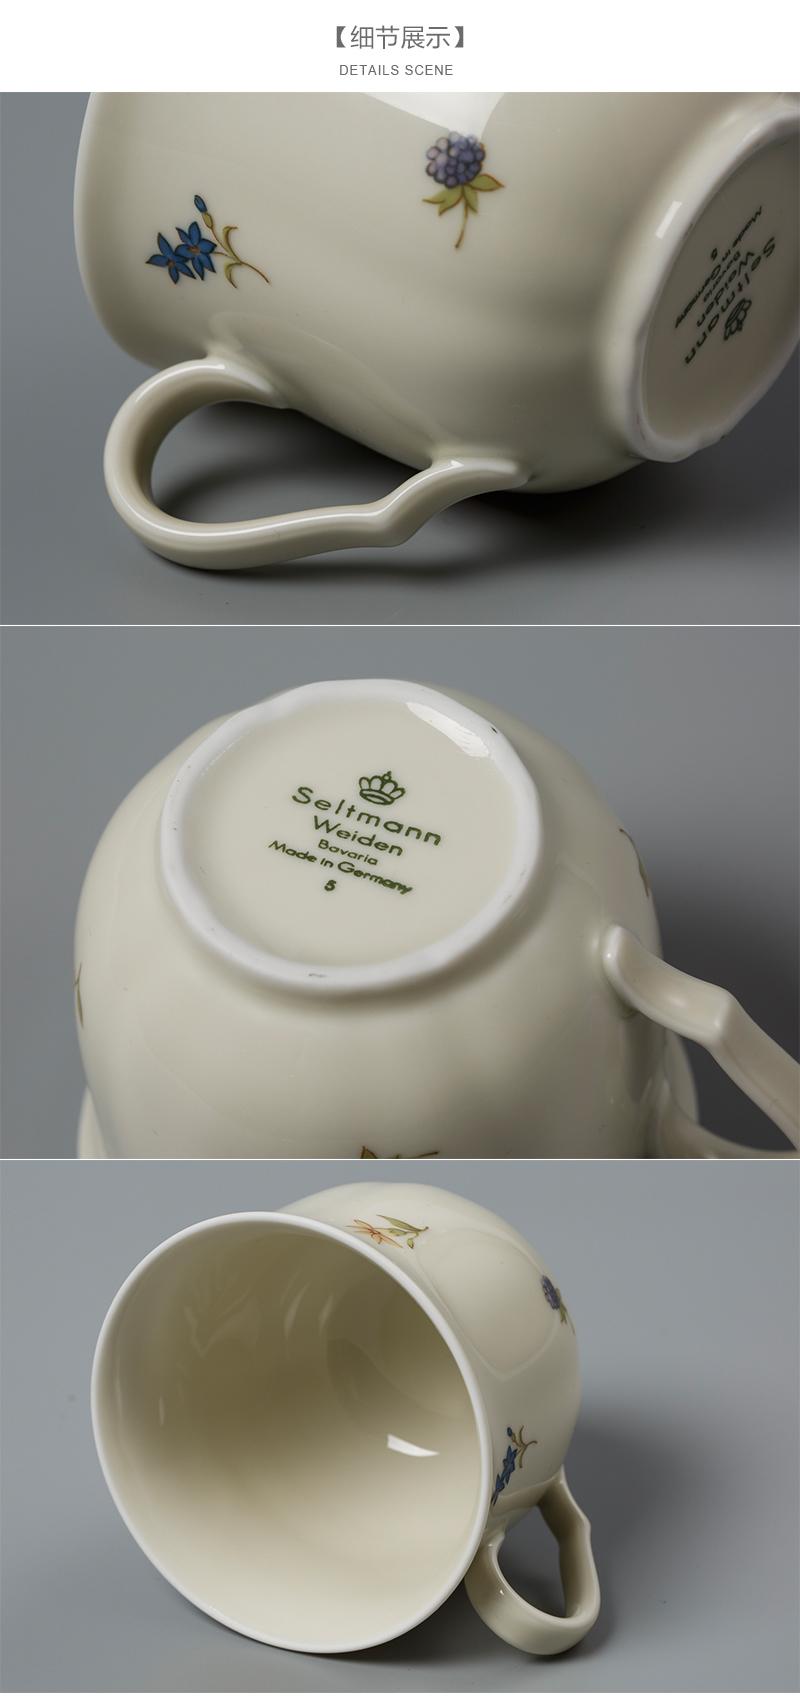 德国Seltmann Weiden陶瓷咖啡杯正面底部细节展示